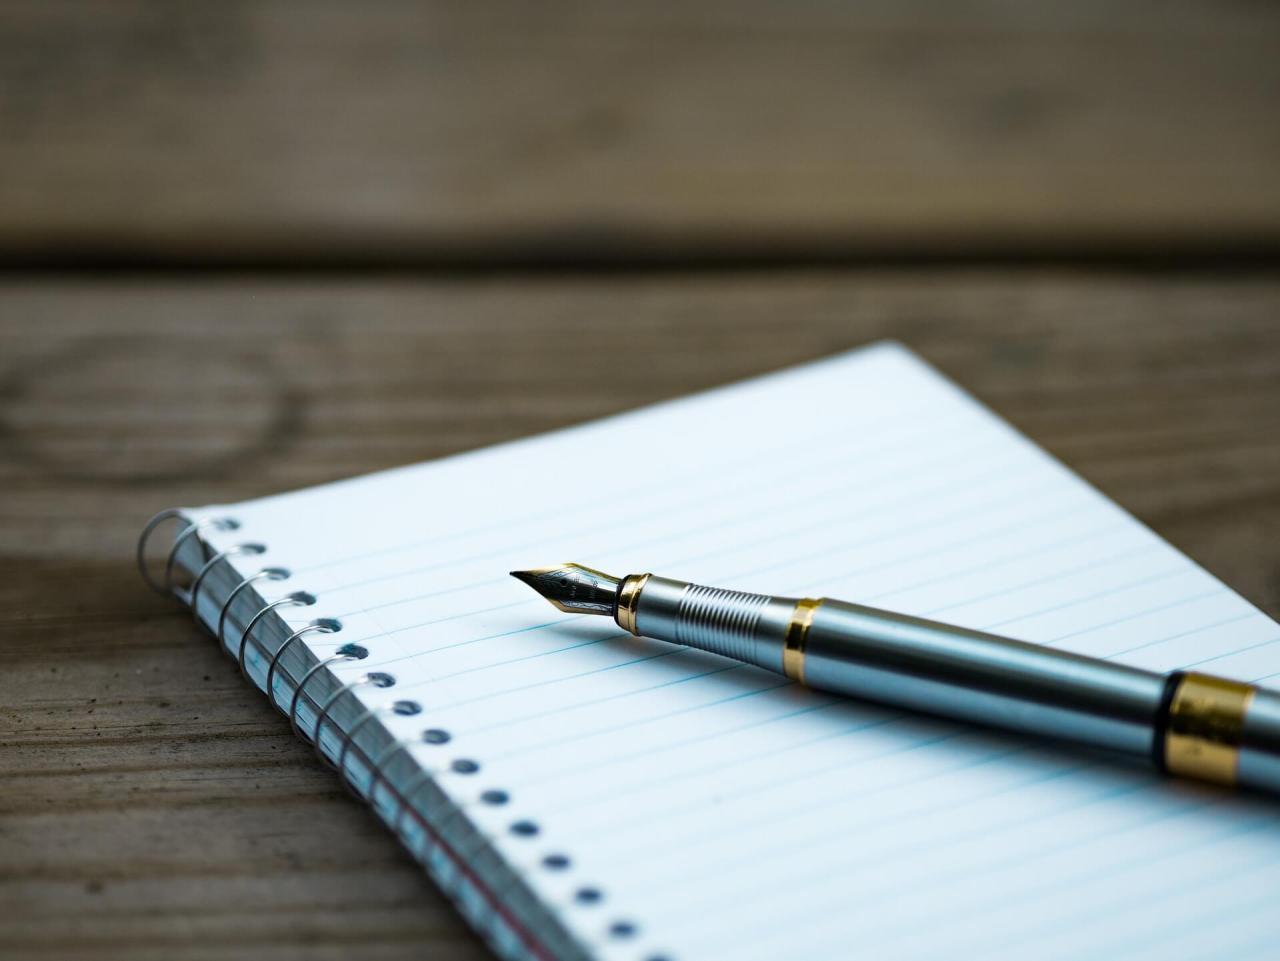 在職中に転職をする場合の転職理由や志望動機はどうすればいい?好印象を与えるためのポイントを紹介